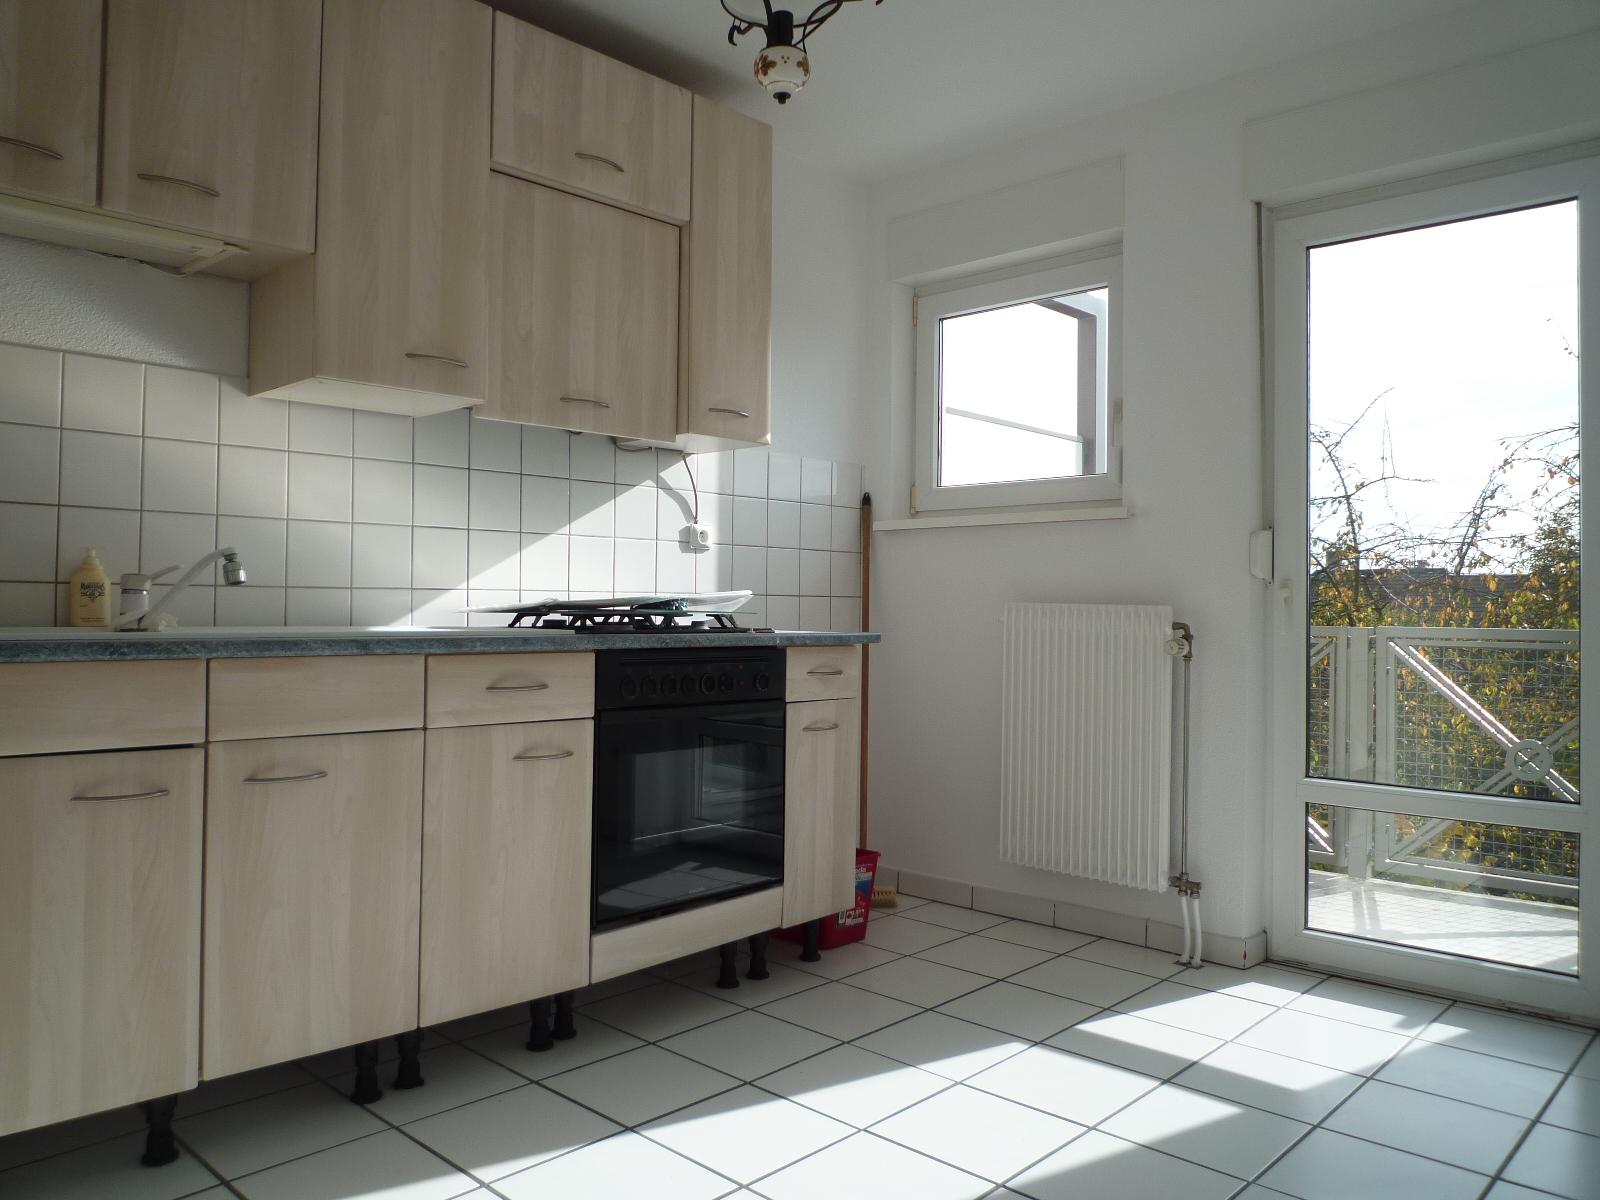 [Lila] Agréable 2 pièces avec balcon et garage - Fegersheim - nos locations - Beausite Immobilier 3